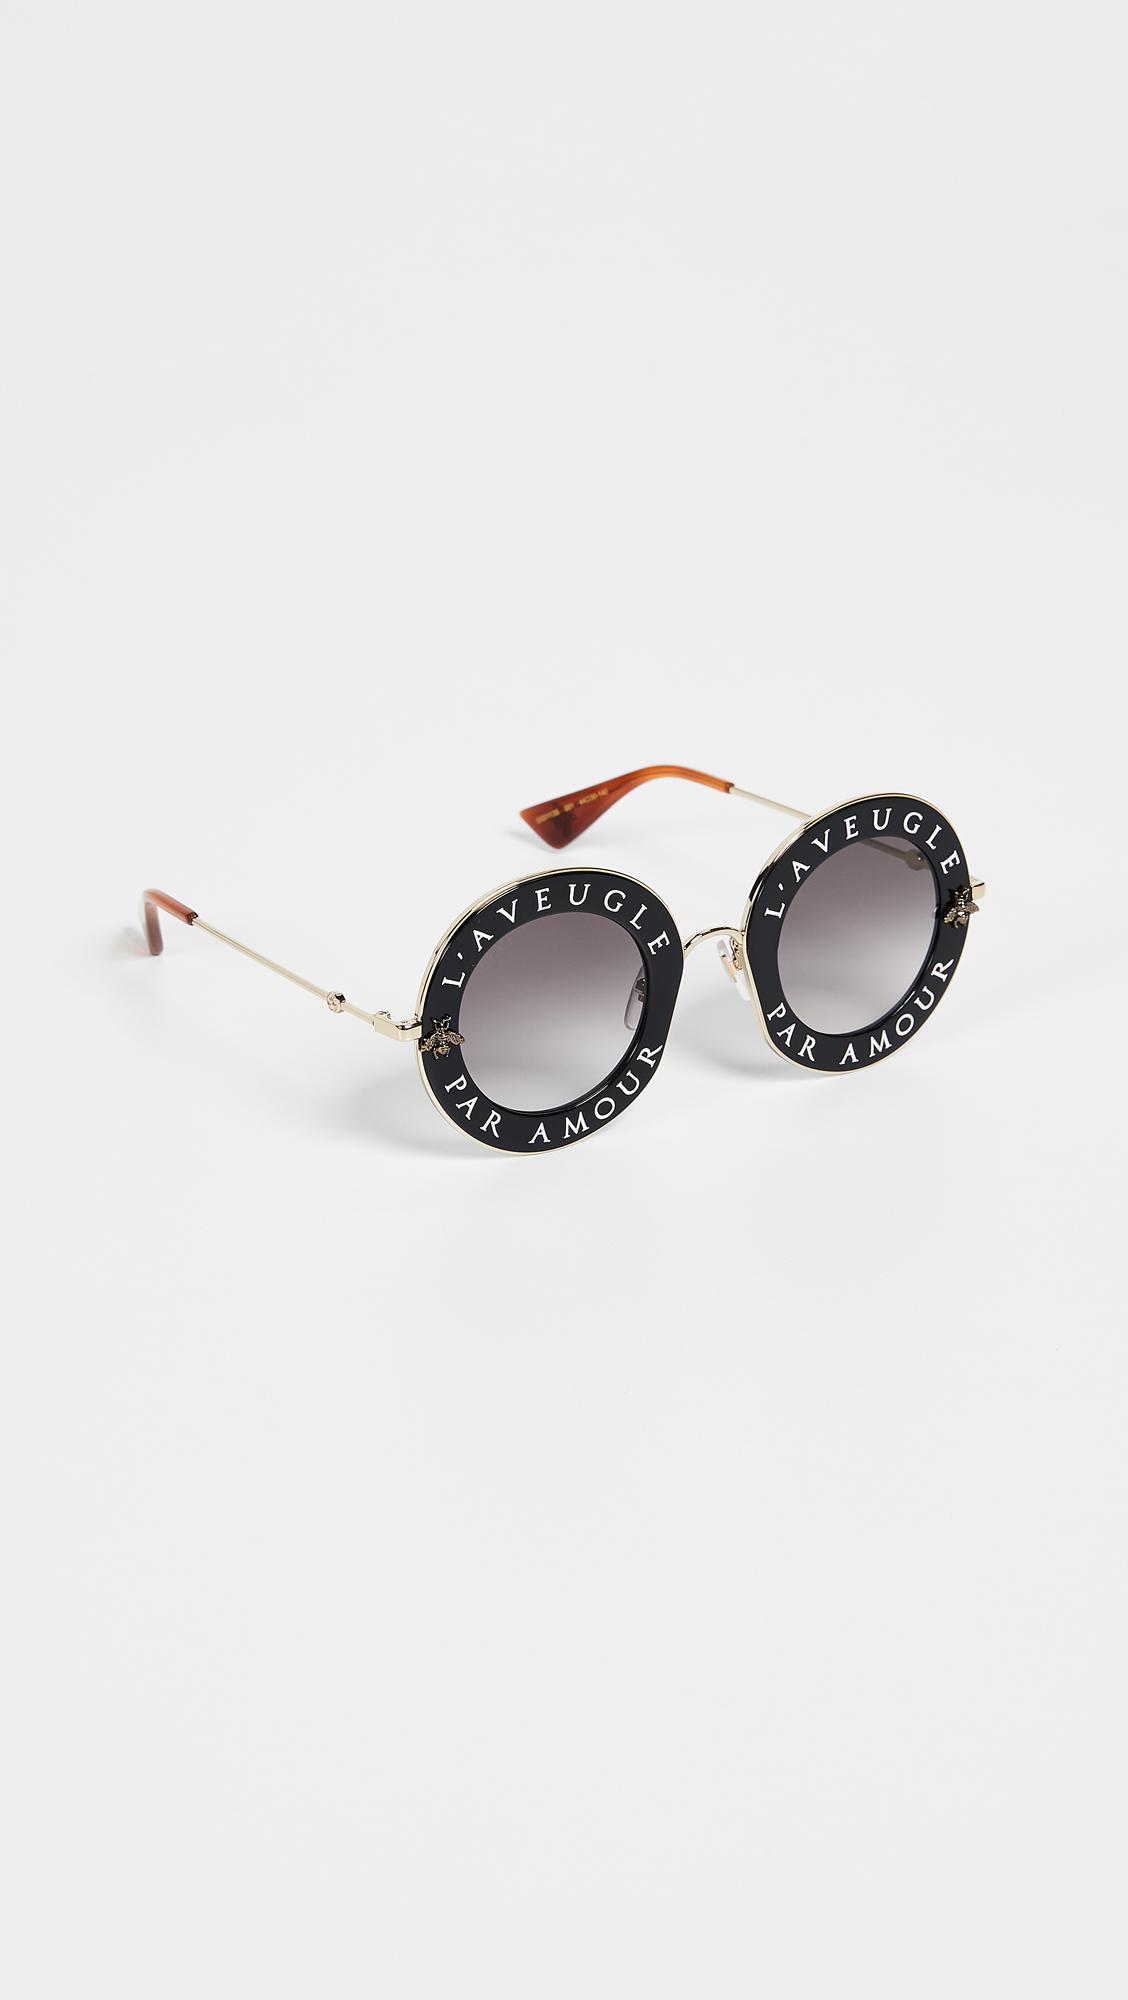 d77389098bf Gucci L Aveugle Par Amour Round Sunglasses